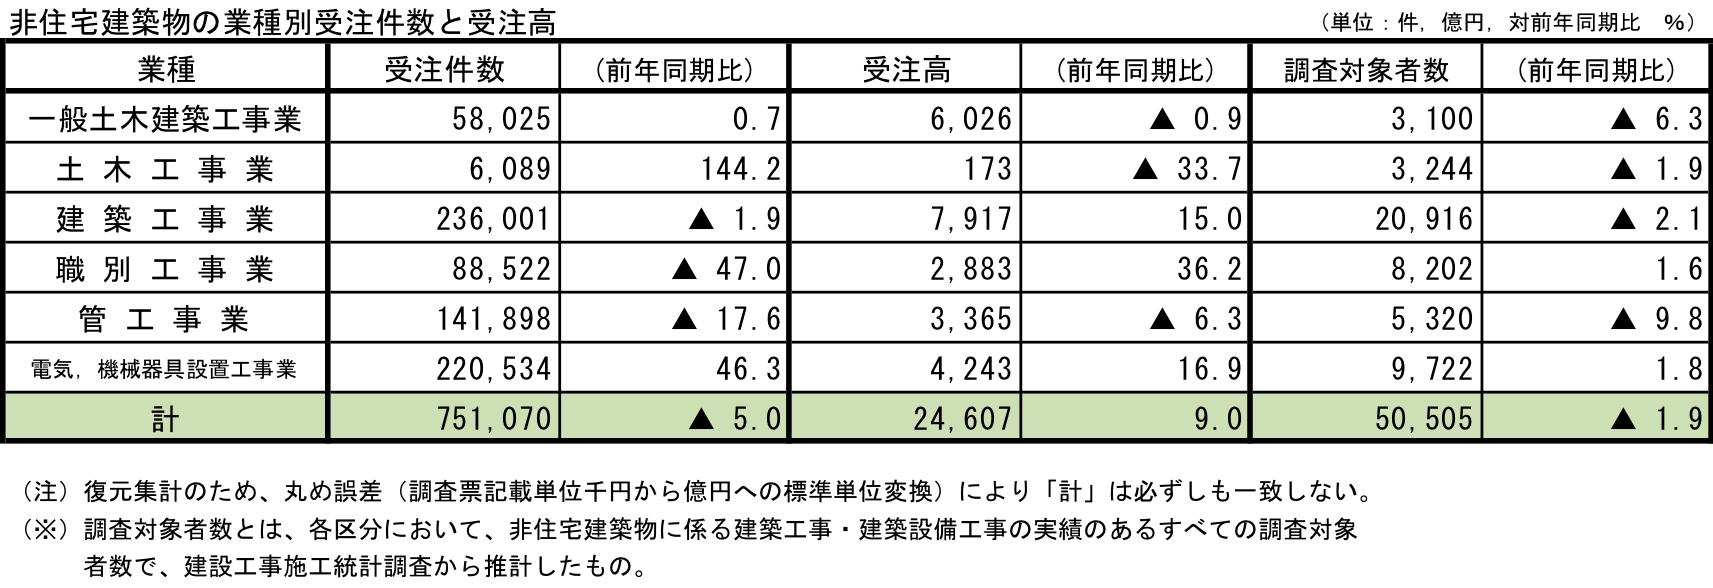 4非住宅建築物の業種別受注件数と受注高